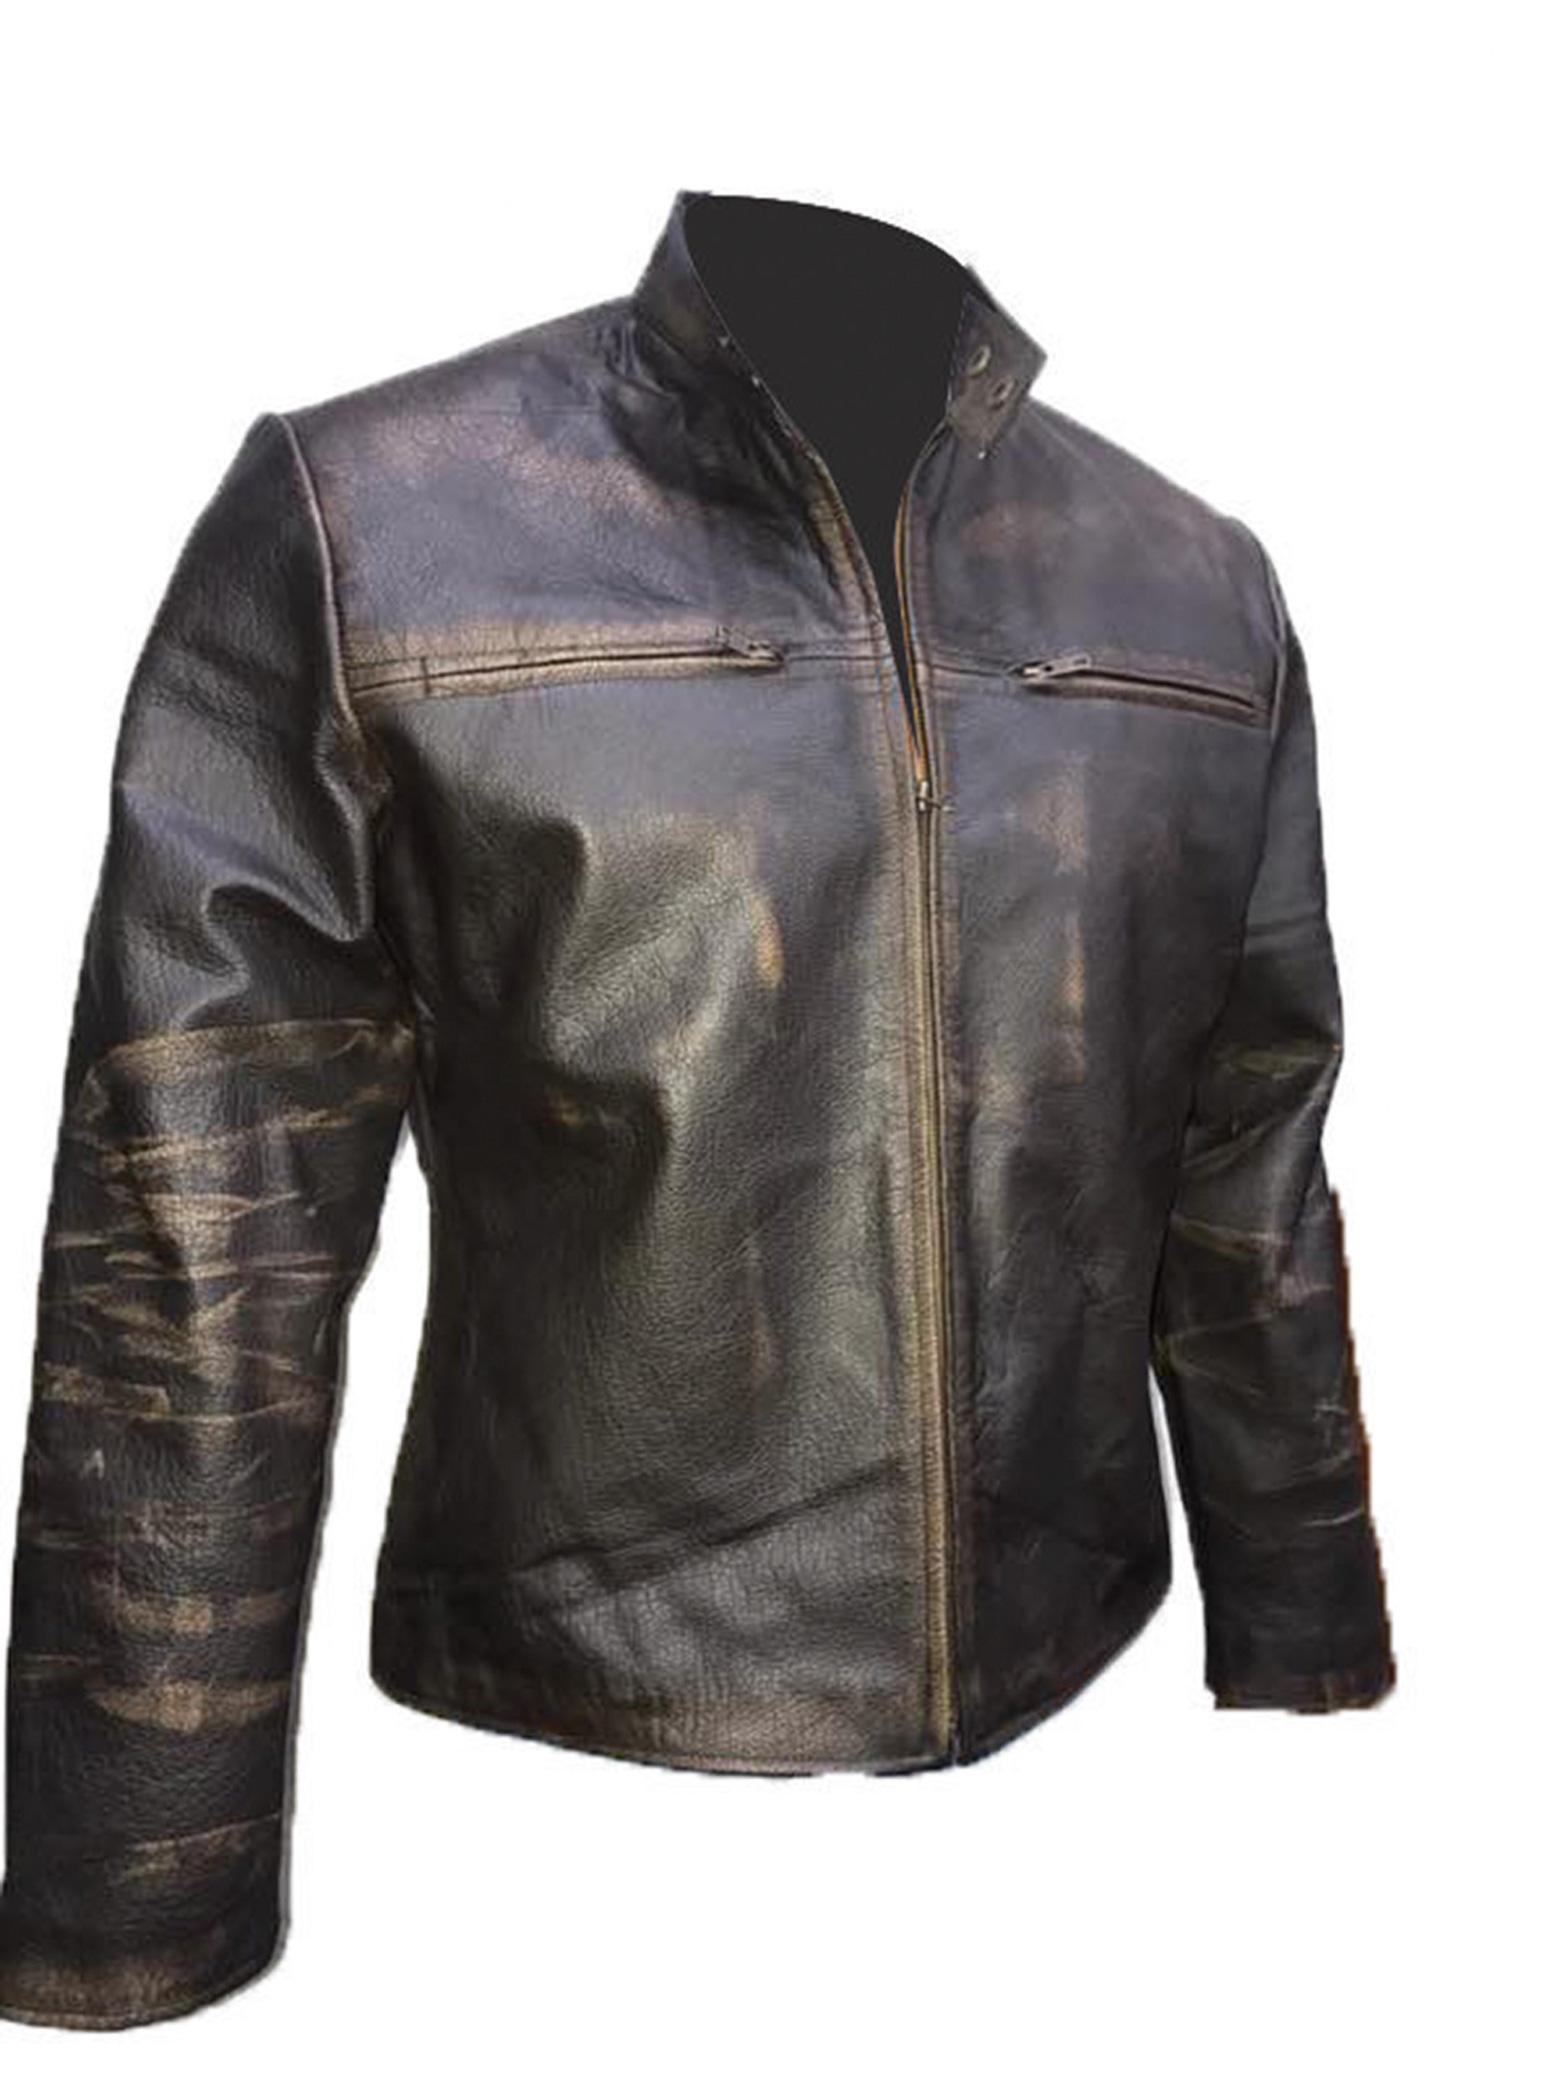 Vintage Leather Jacket >> Men S Cafe Racer Retro Vintage Leather Jacket